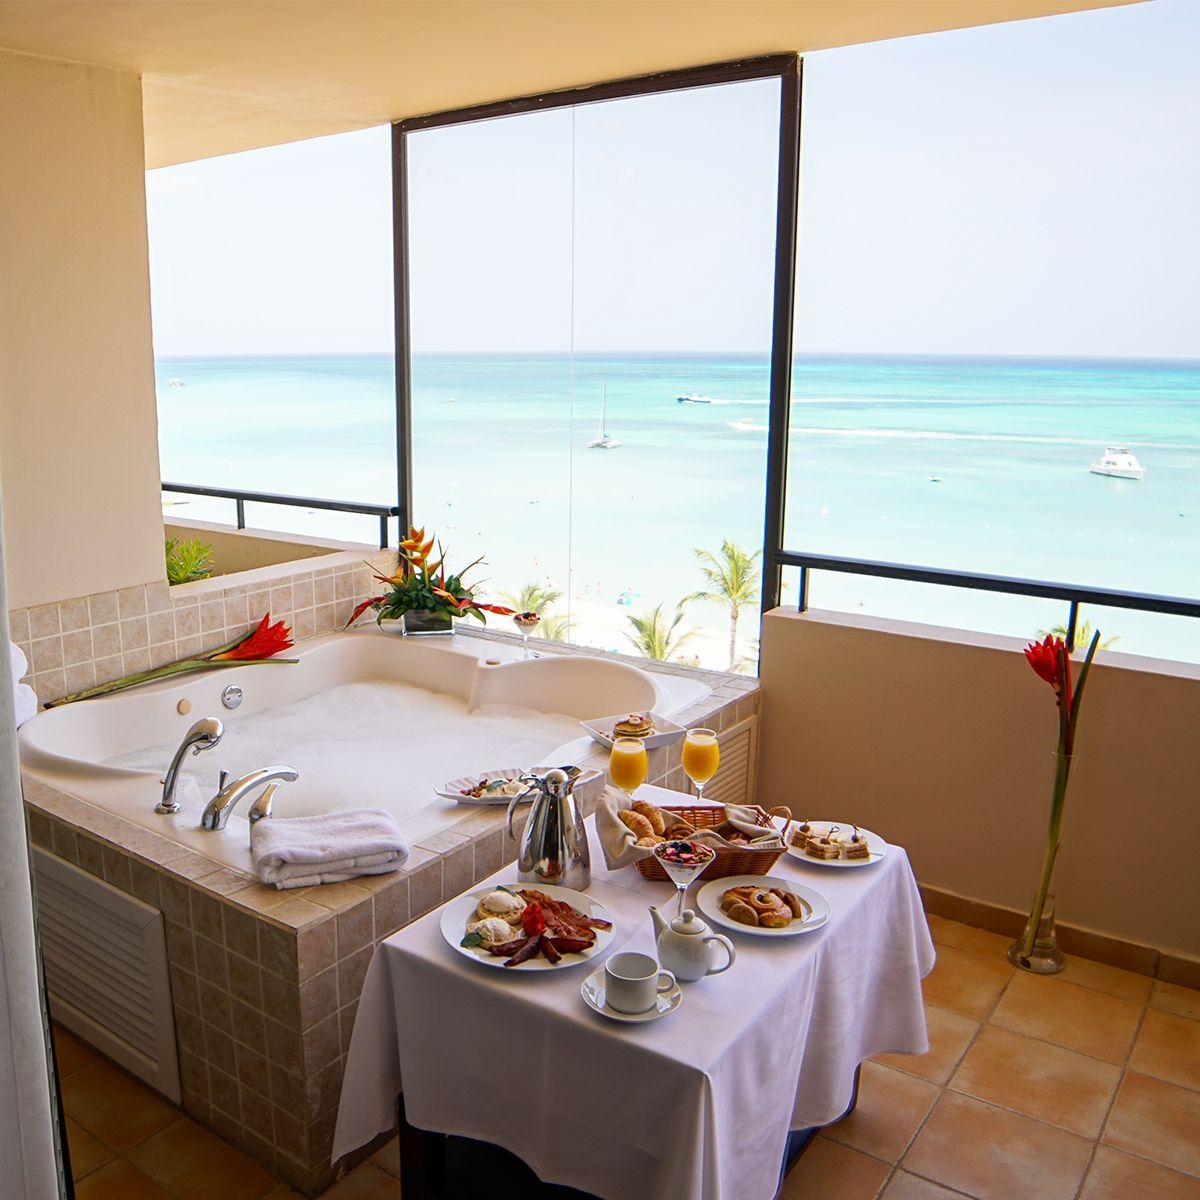 Hotel em Aruba com room service